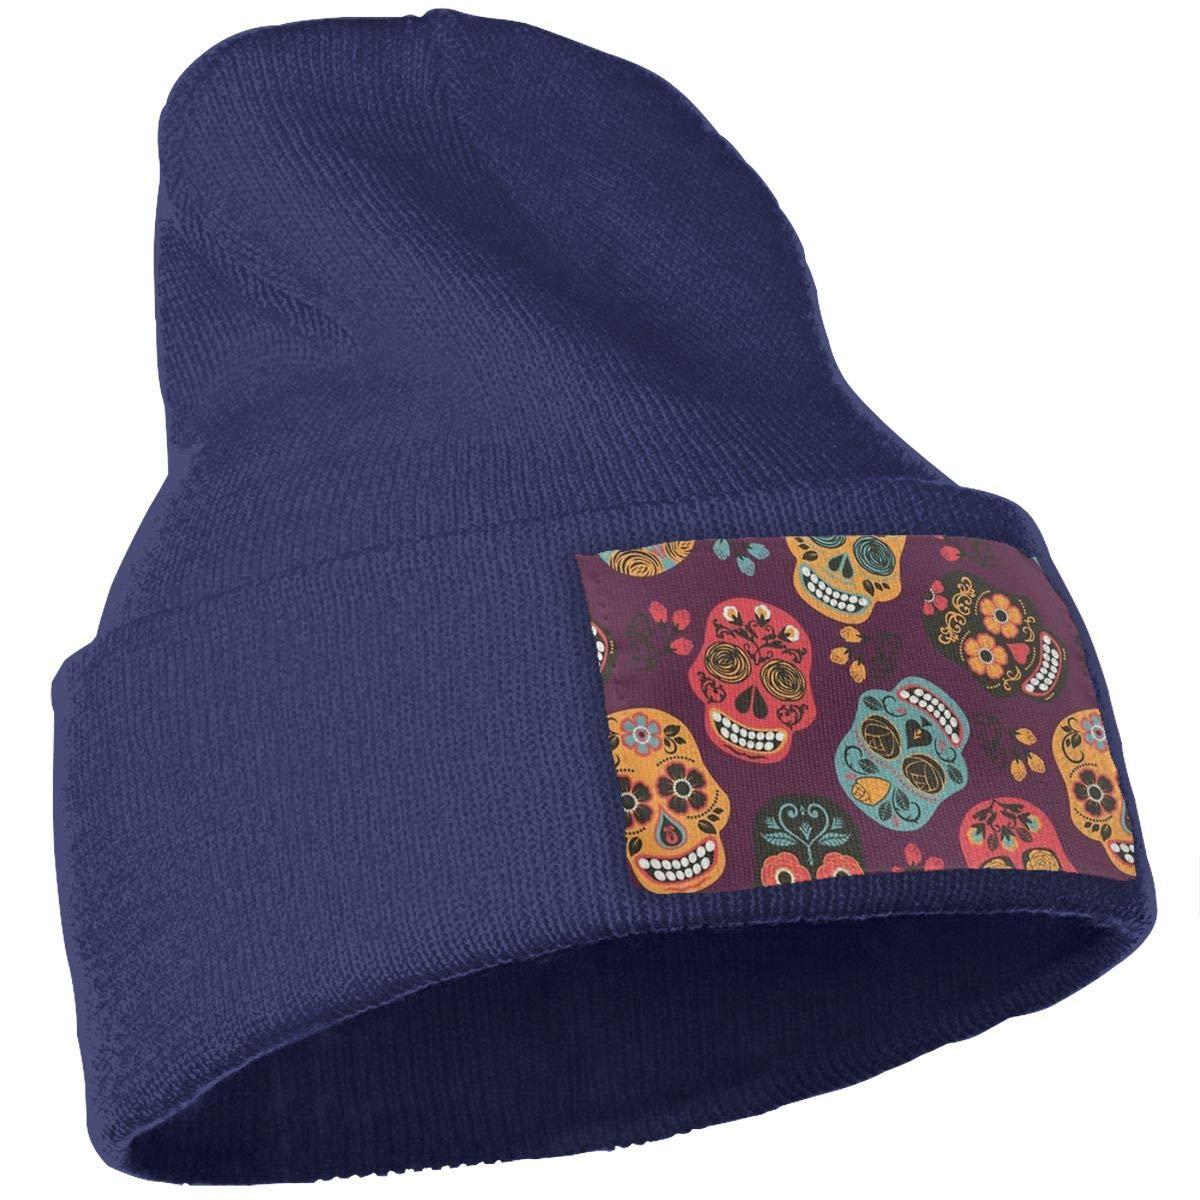 Z-YY Skull Unisex Winter Knitting Woolen Hat Warm Cap